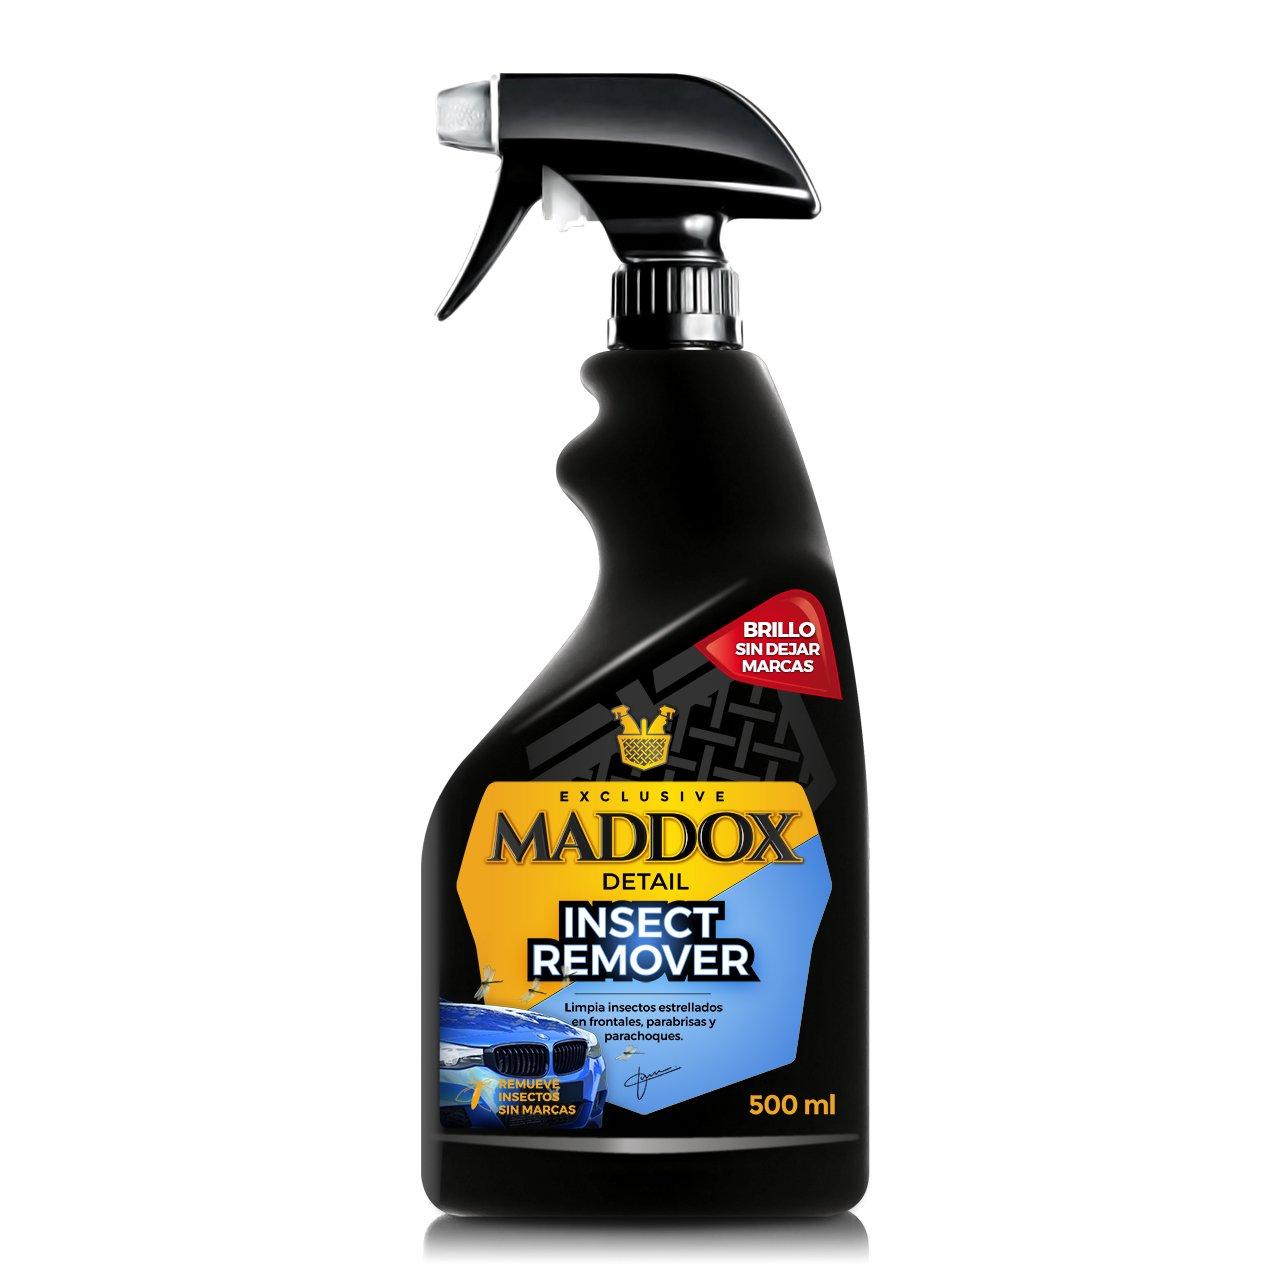 Maddox Detail 10203 Insect Remover - Limpiador Bichos Estrellados En Frontales, Parabrisas y Parachoques. (500Ml)